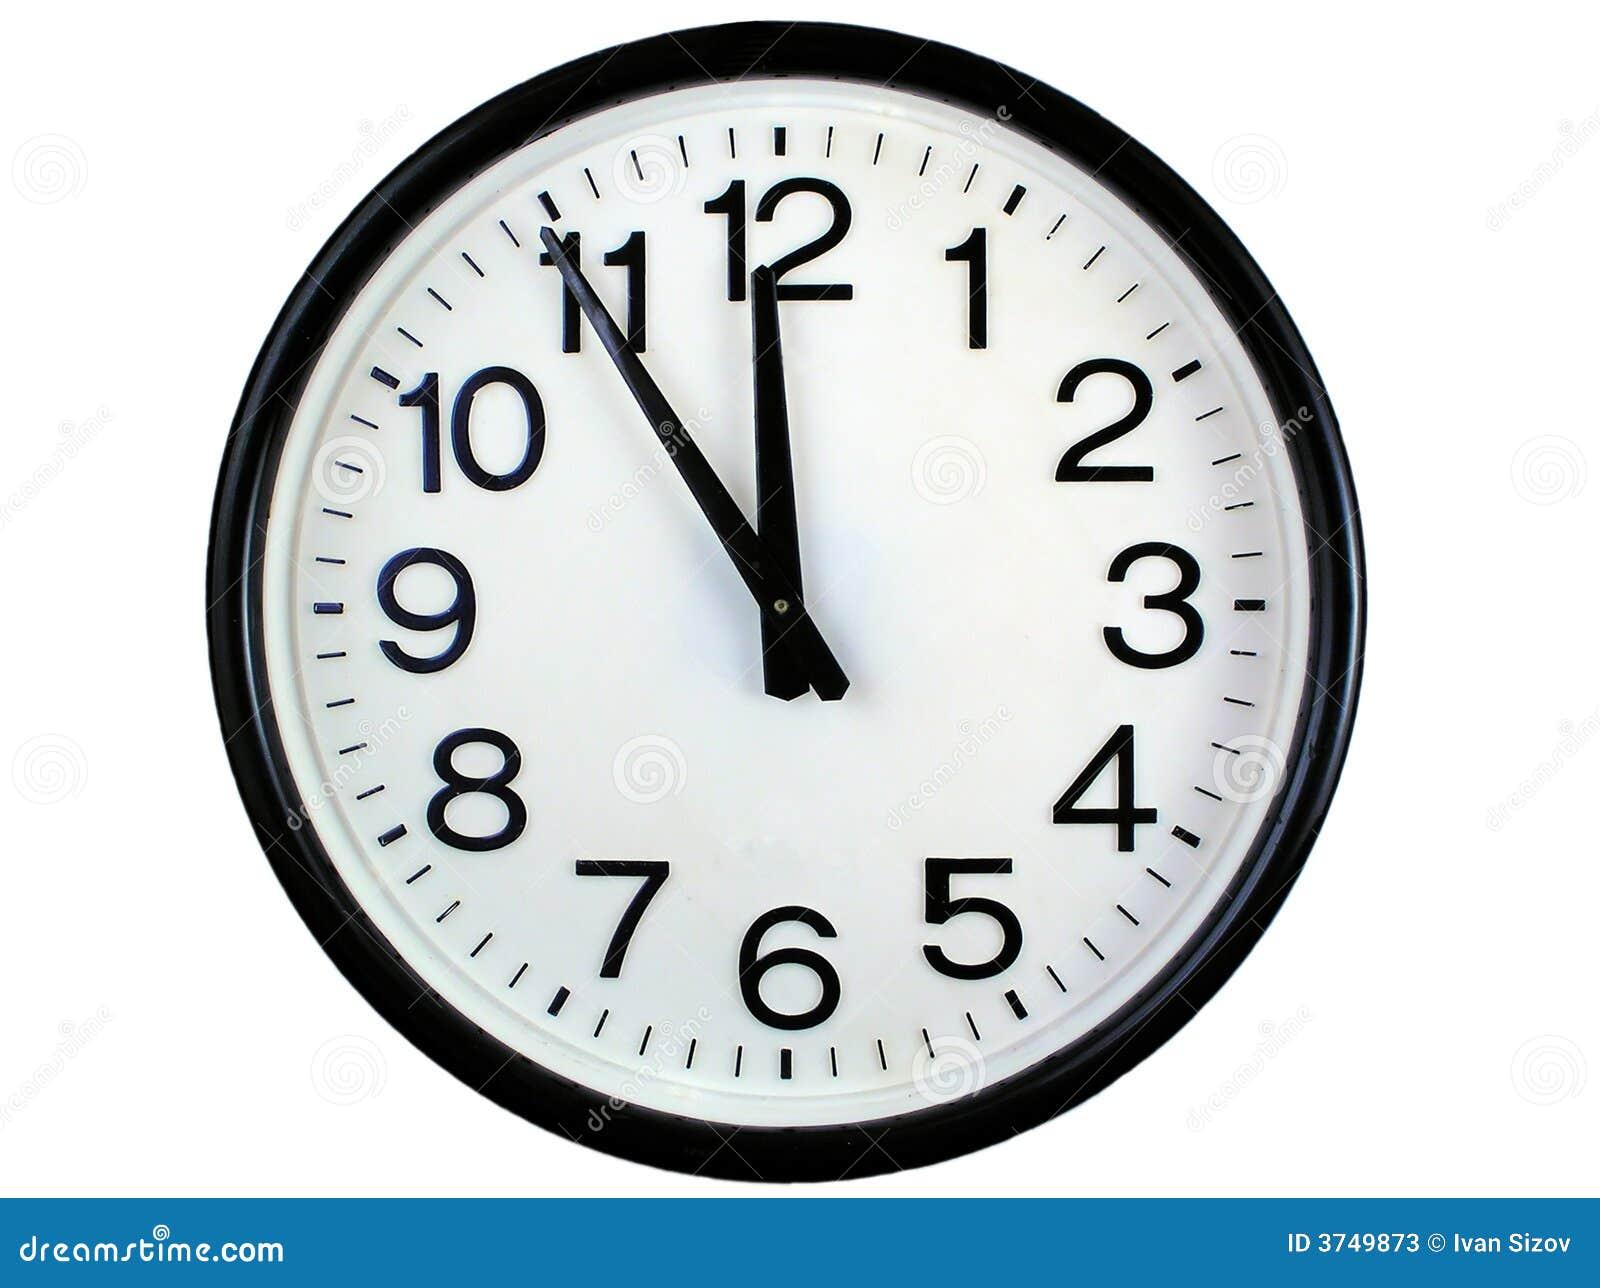 Reloj de pared redondo imagen de archivo imagen de tarde - Reloj decorativo de pared ...